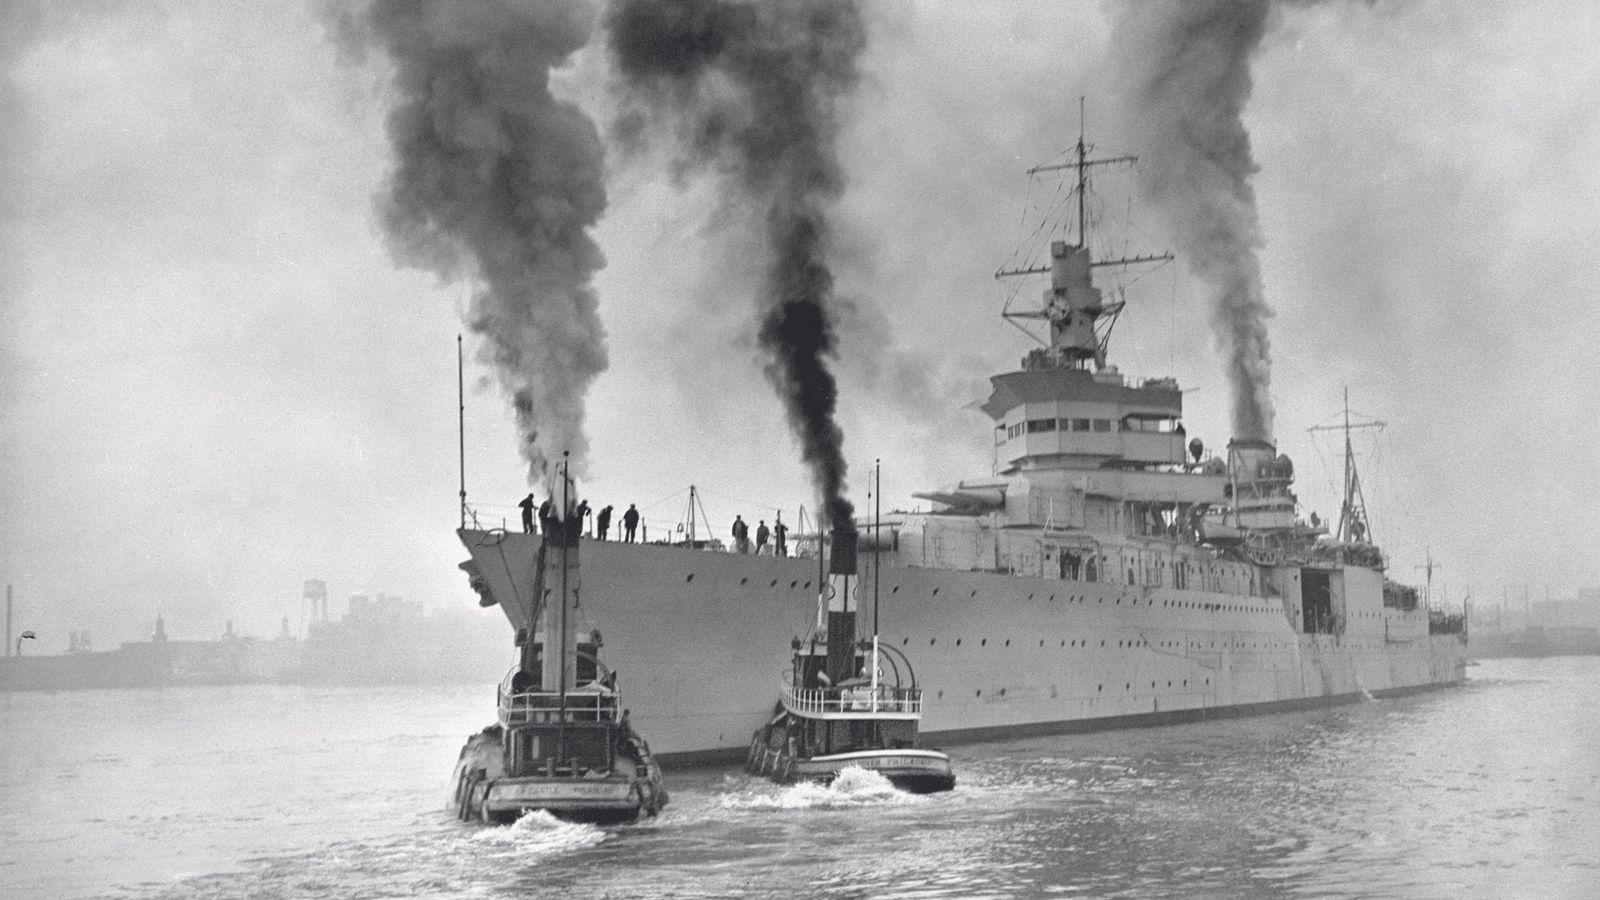 Le navire de guerre U.S.S. Indianapolis a été coulé par un sous-marin japonais en 1945.